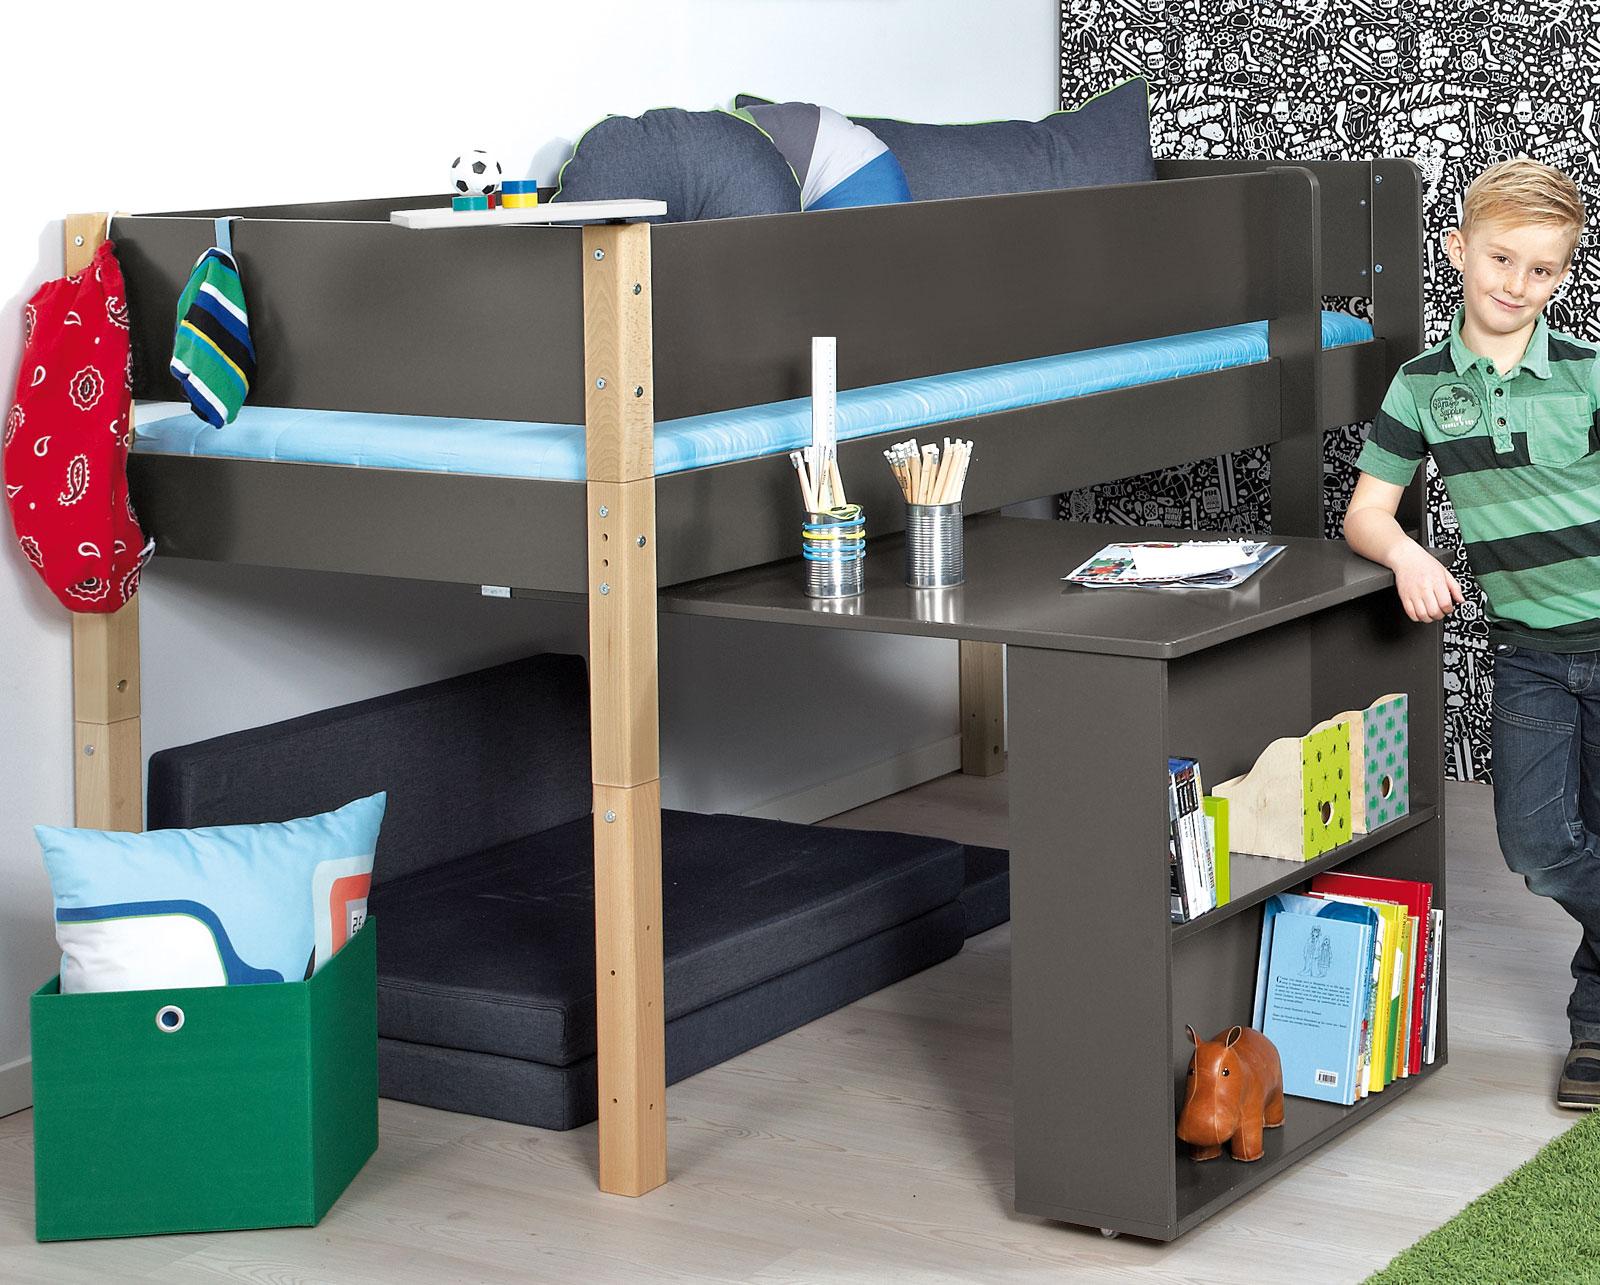 Mini hochbett mit auszieh schreibtisch und regal   kids town